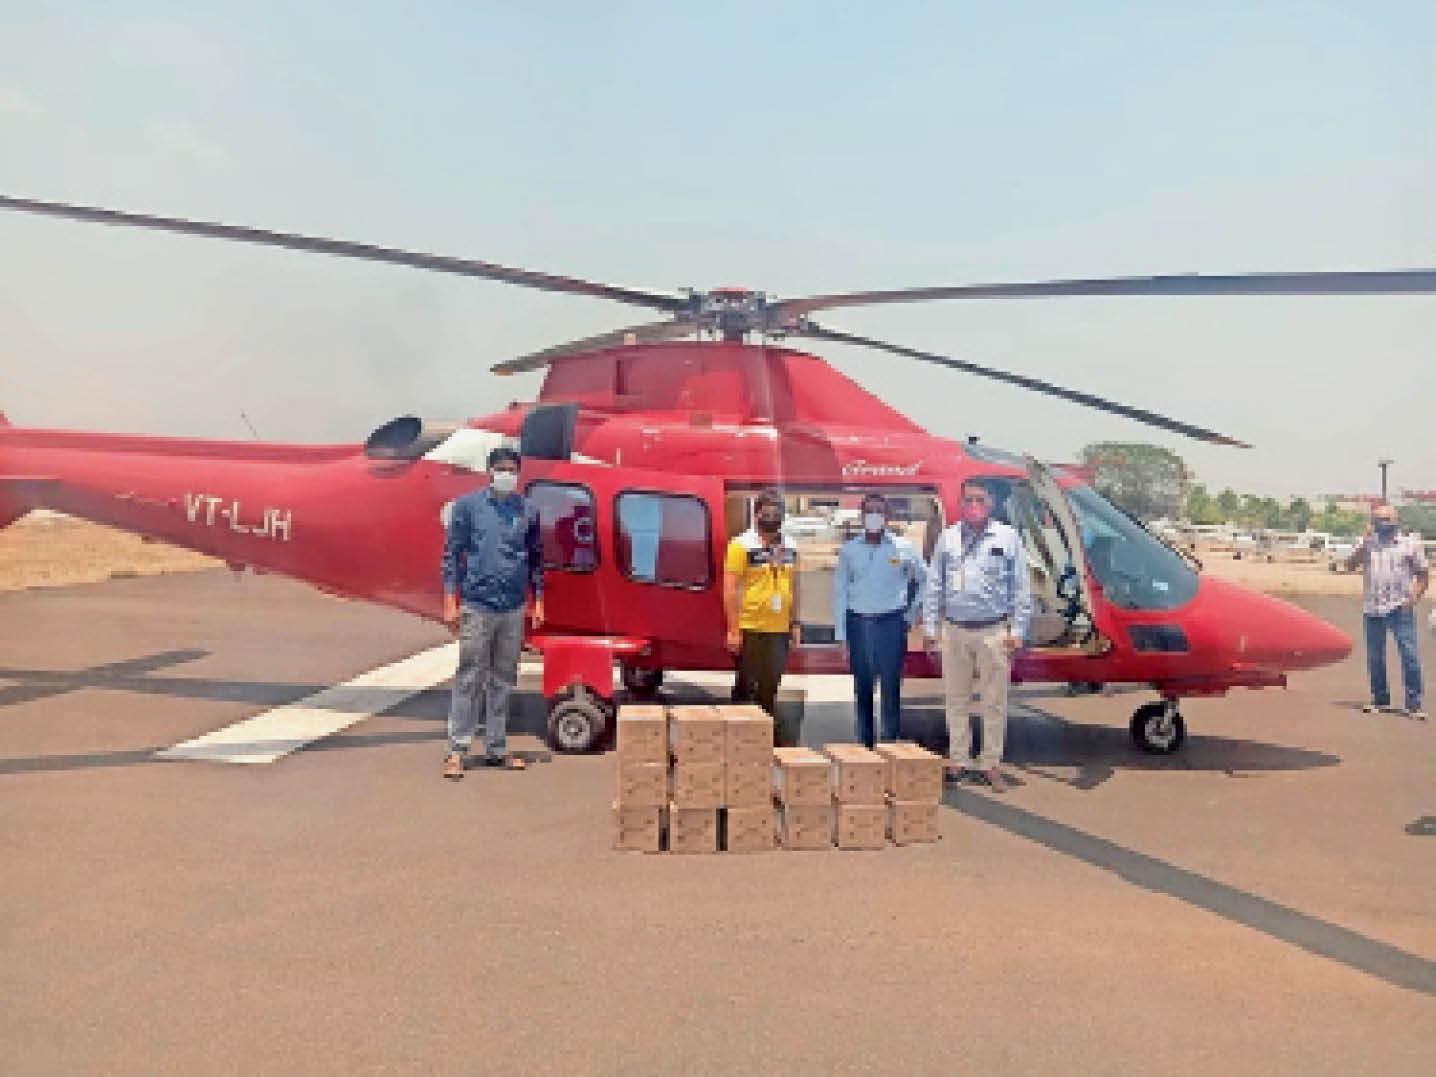 गुरुवार को स्टेट प्लेन से ढाना हवाई पट्टी पहुंचे रेमडेसिविर के 15 बॉक्स, जिनमें 720 इंजेक्शन आए हैं। - Dainik Bhaskar